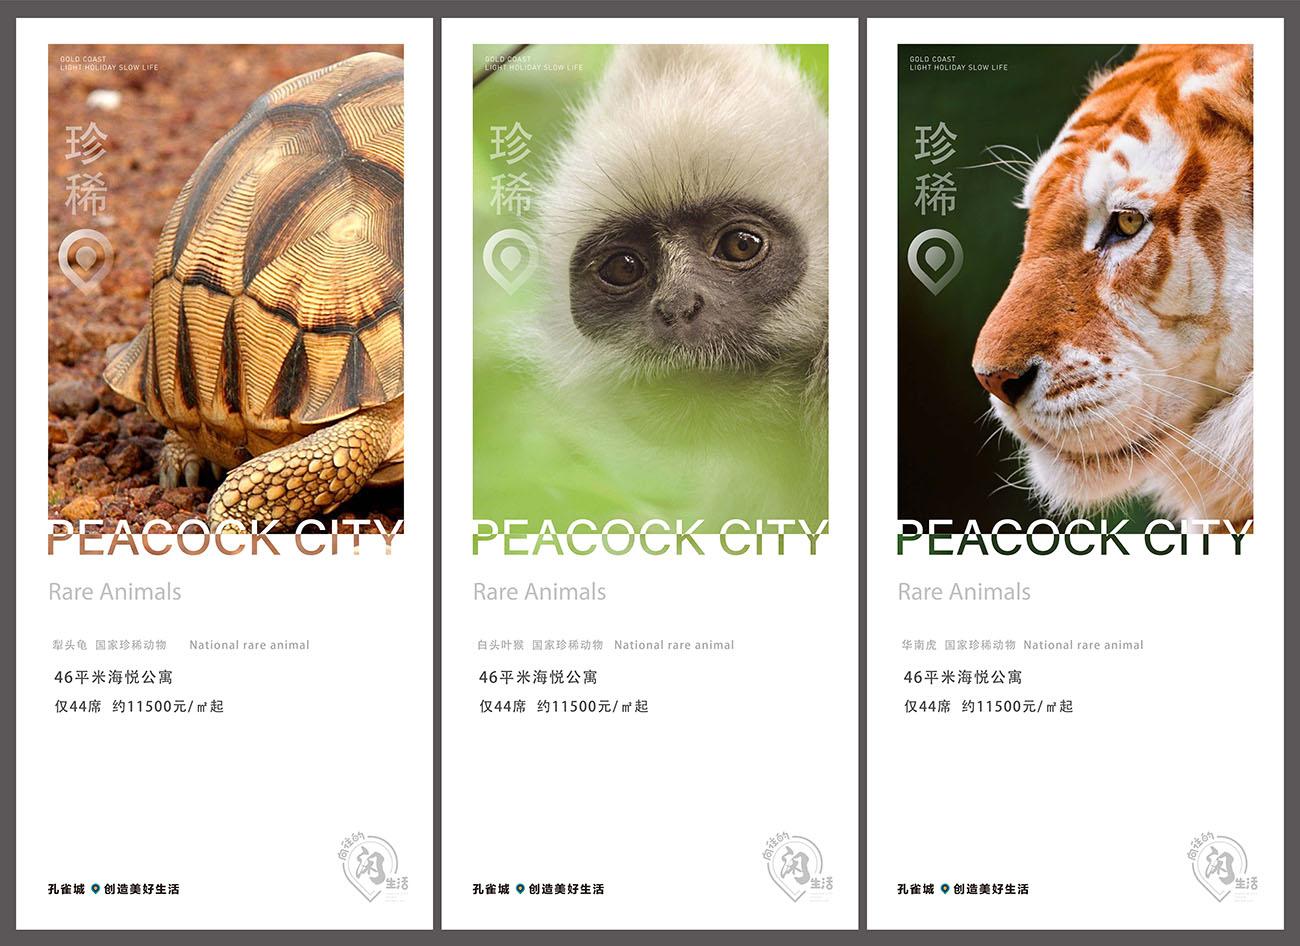 地产简约稀有动物海报AI源文件插图